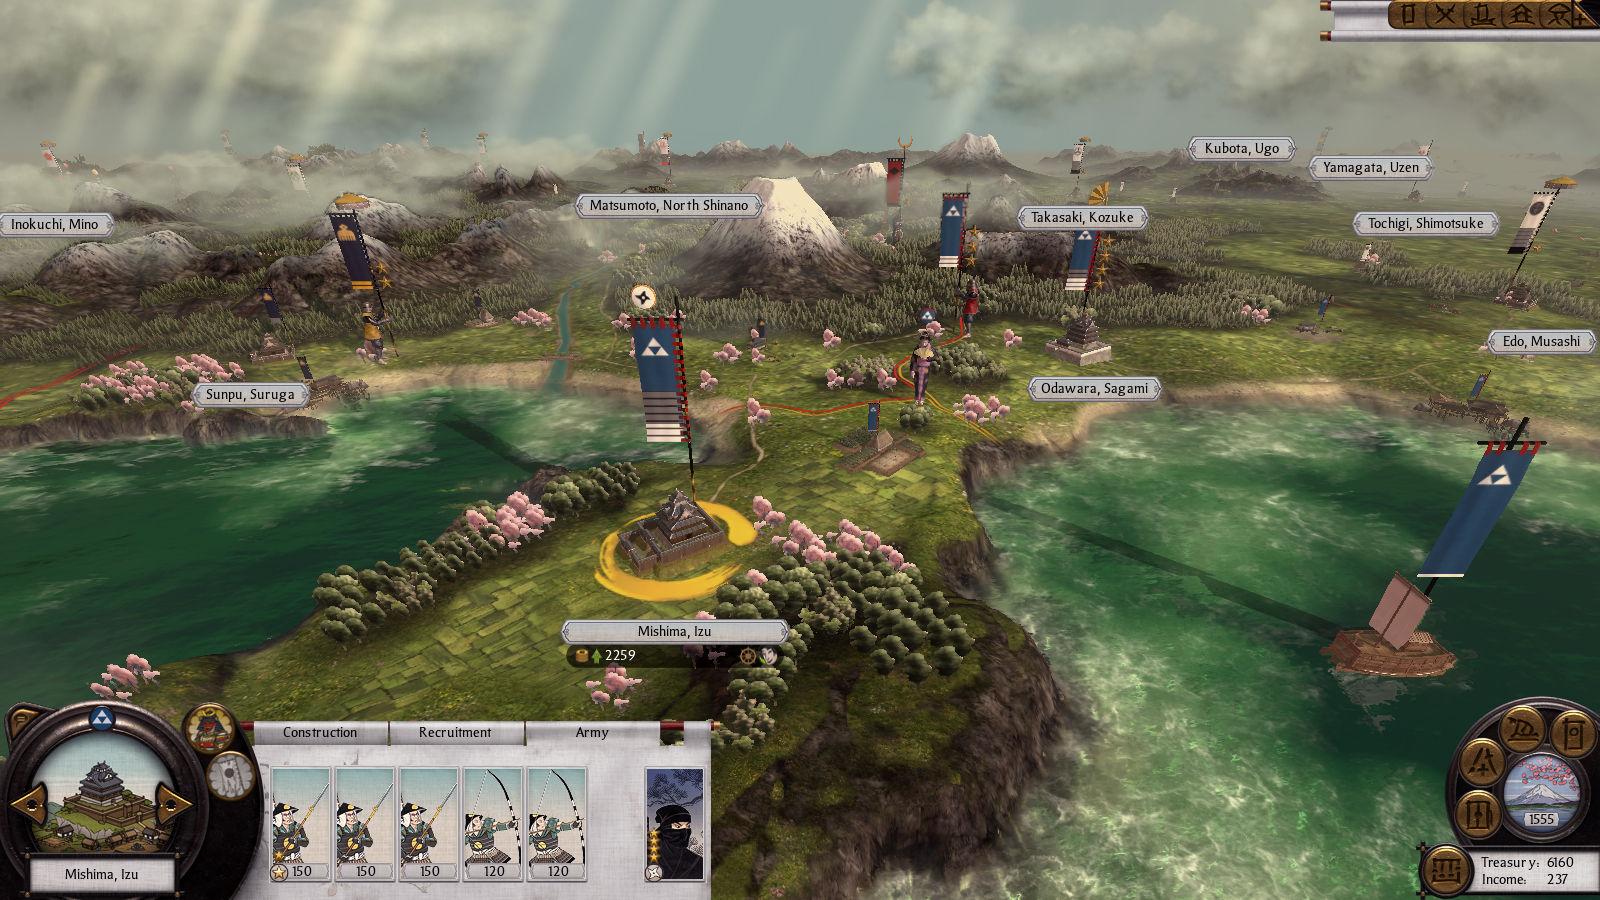 10. Total War: Shogun 2